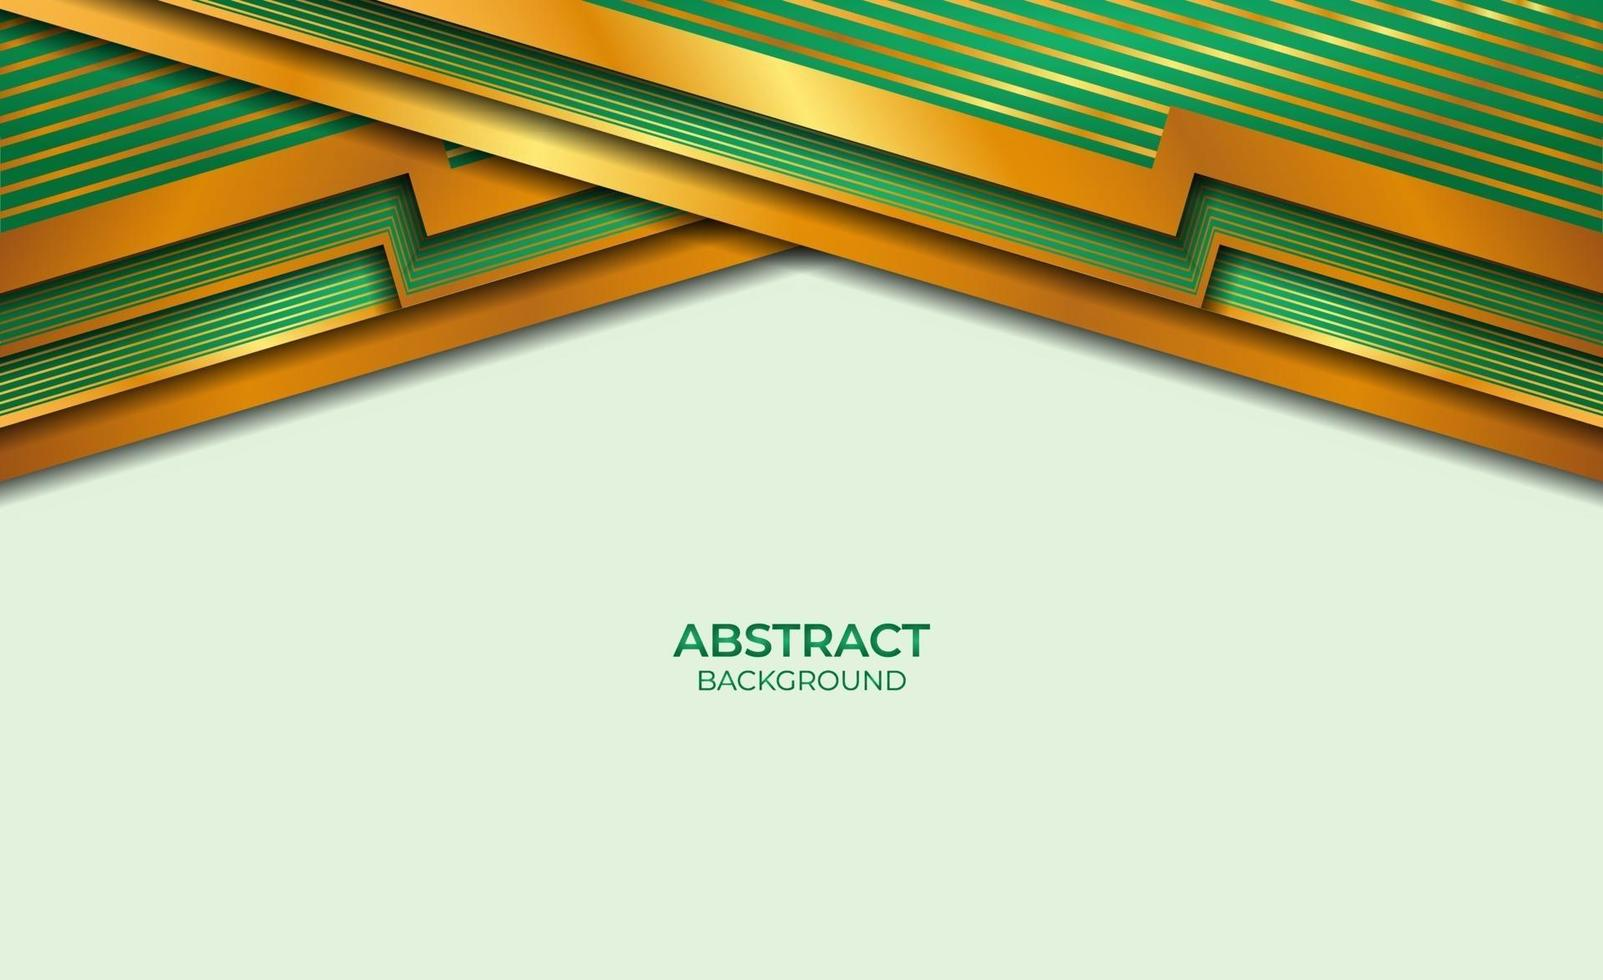 achtergrond gouden en groene stijl vector